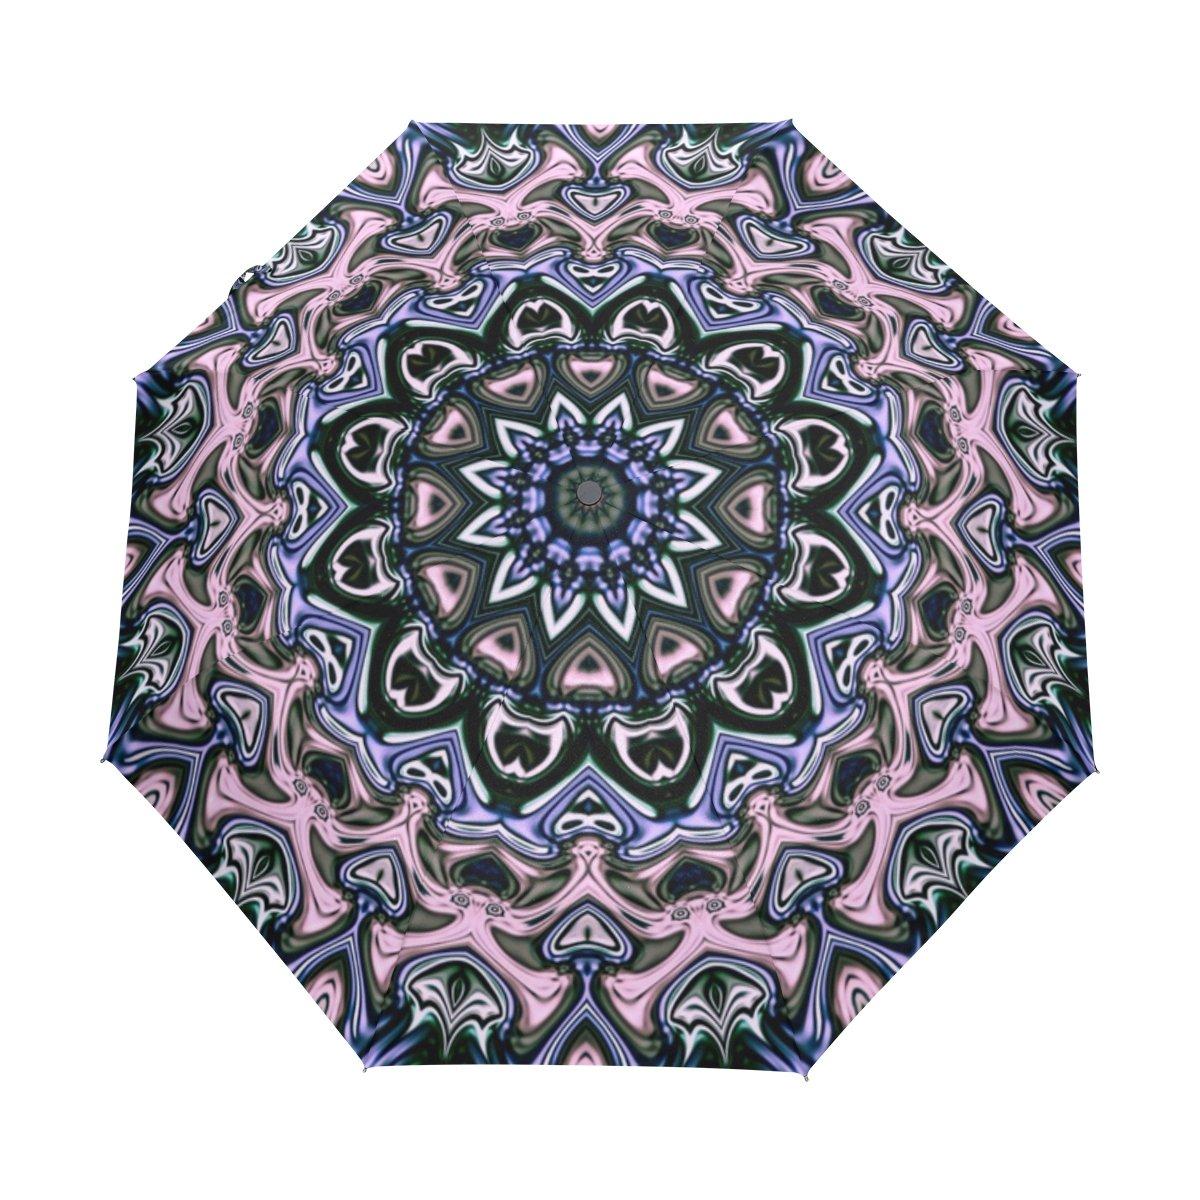 Senya Saobao自動開いて閉じFolding抽象背景で防風と防雨トラベル傘ポータブル折りたたみ式太陽雨傘 B07FMBHFRW